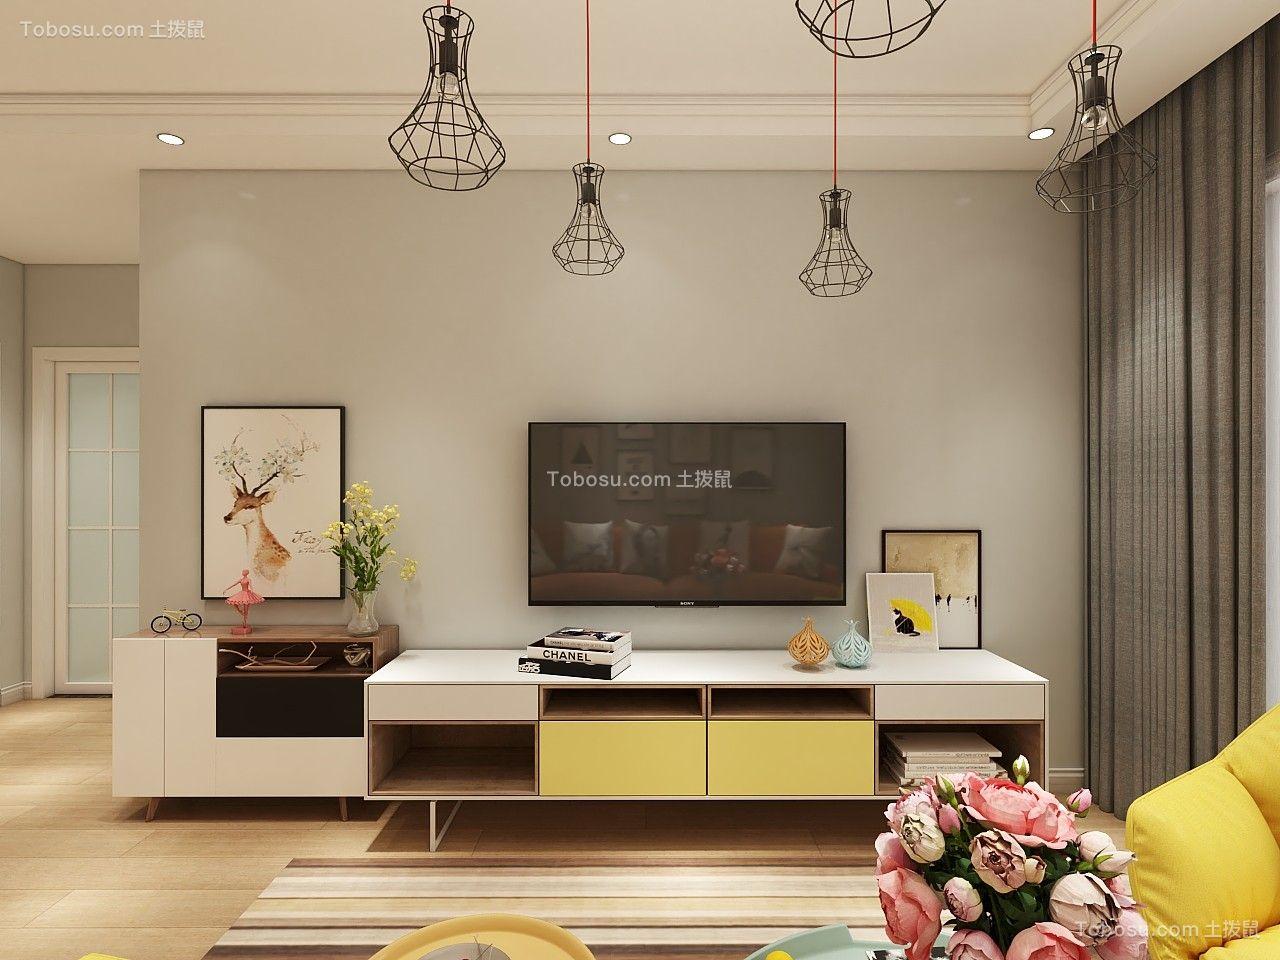 110平米北欧风格三居室9万图片